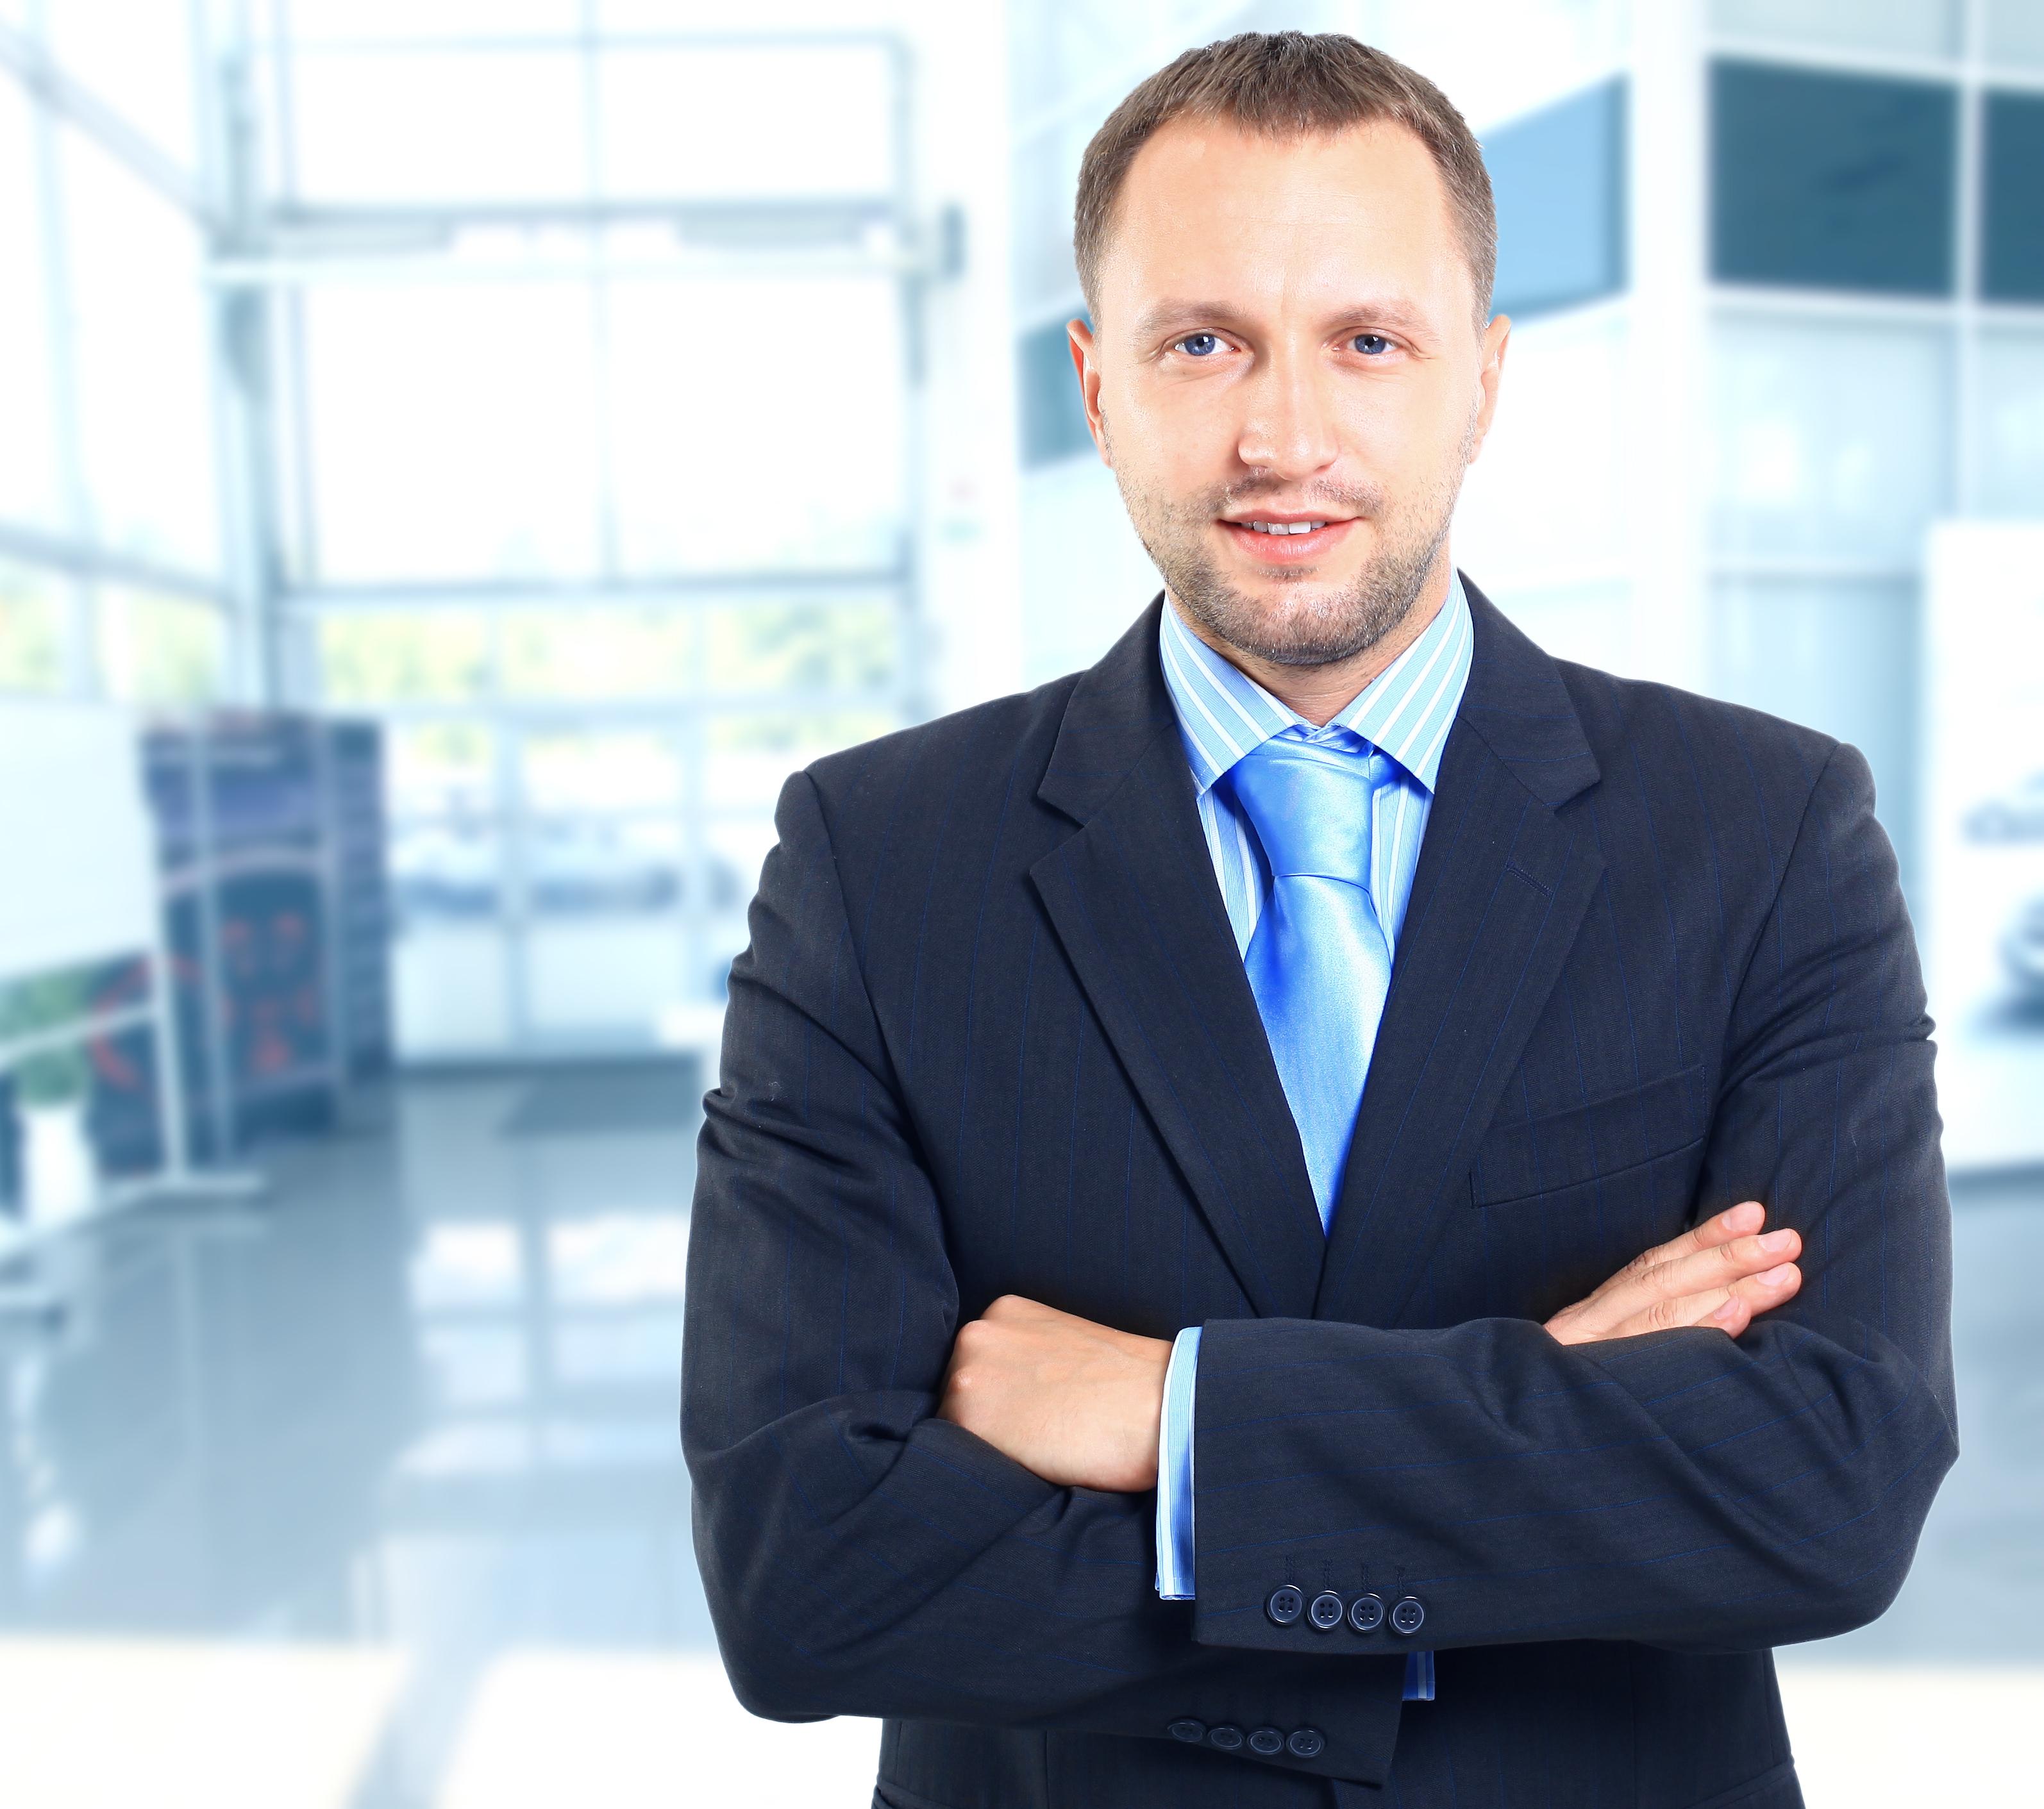 фото мужчина деловой